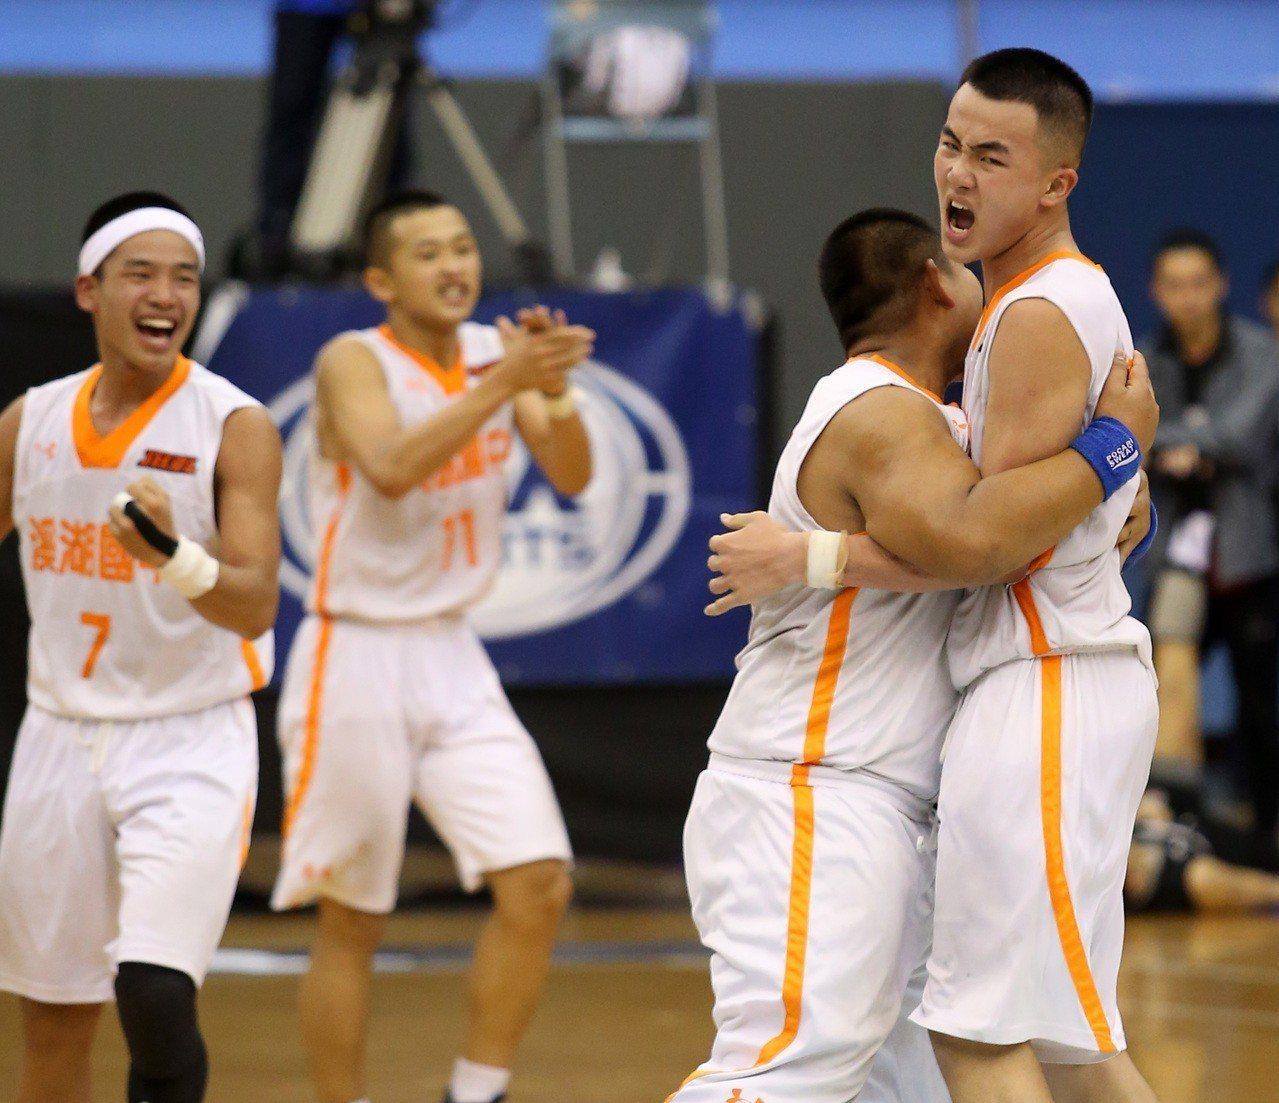 溪湖1分擊敗衛冕軍金華國中,球員開心慶賀。記者林澔一/攝影